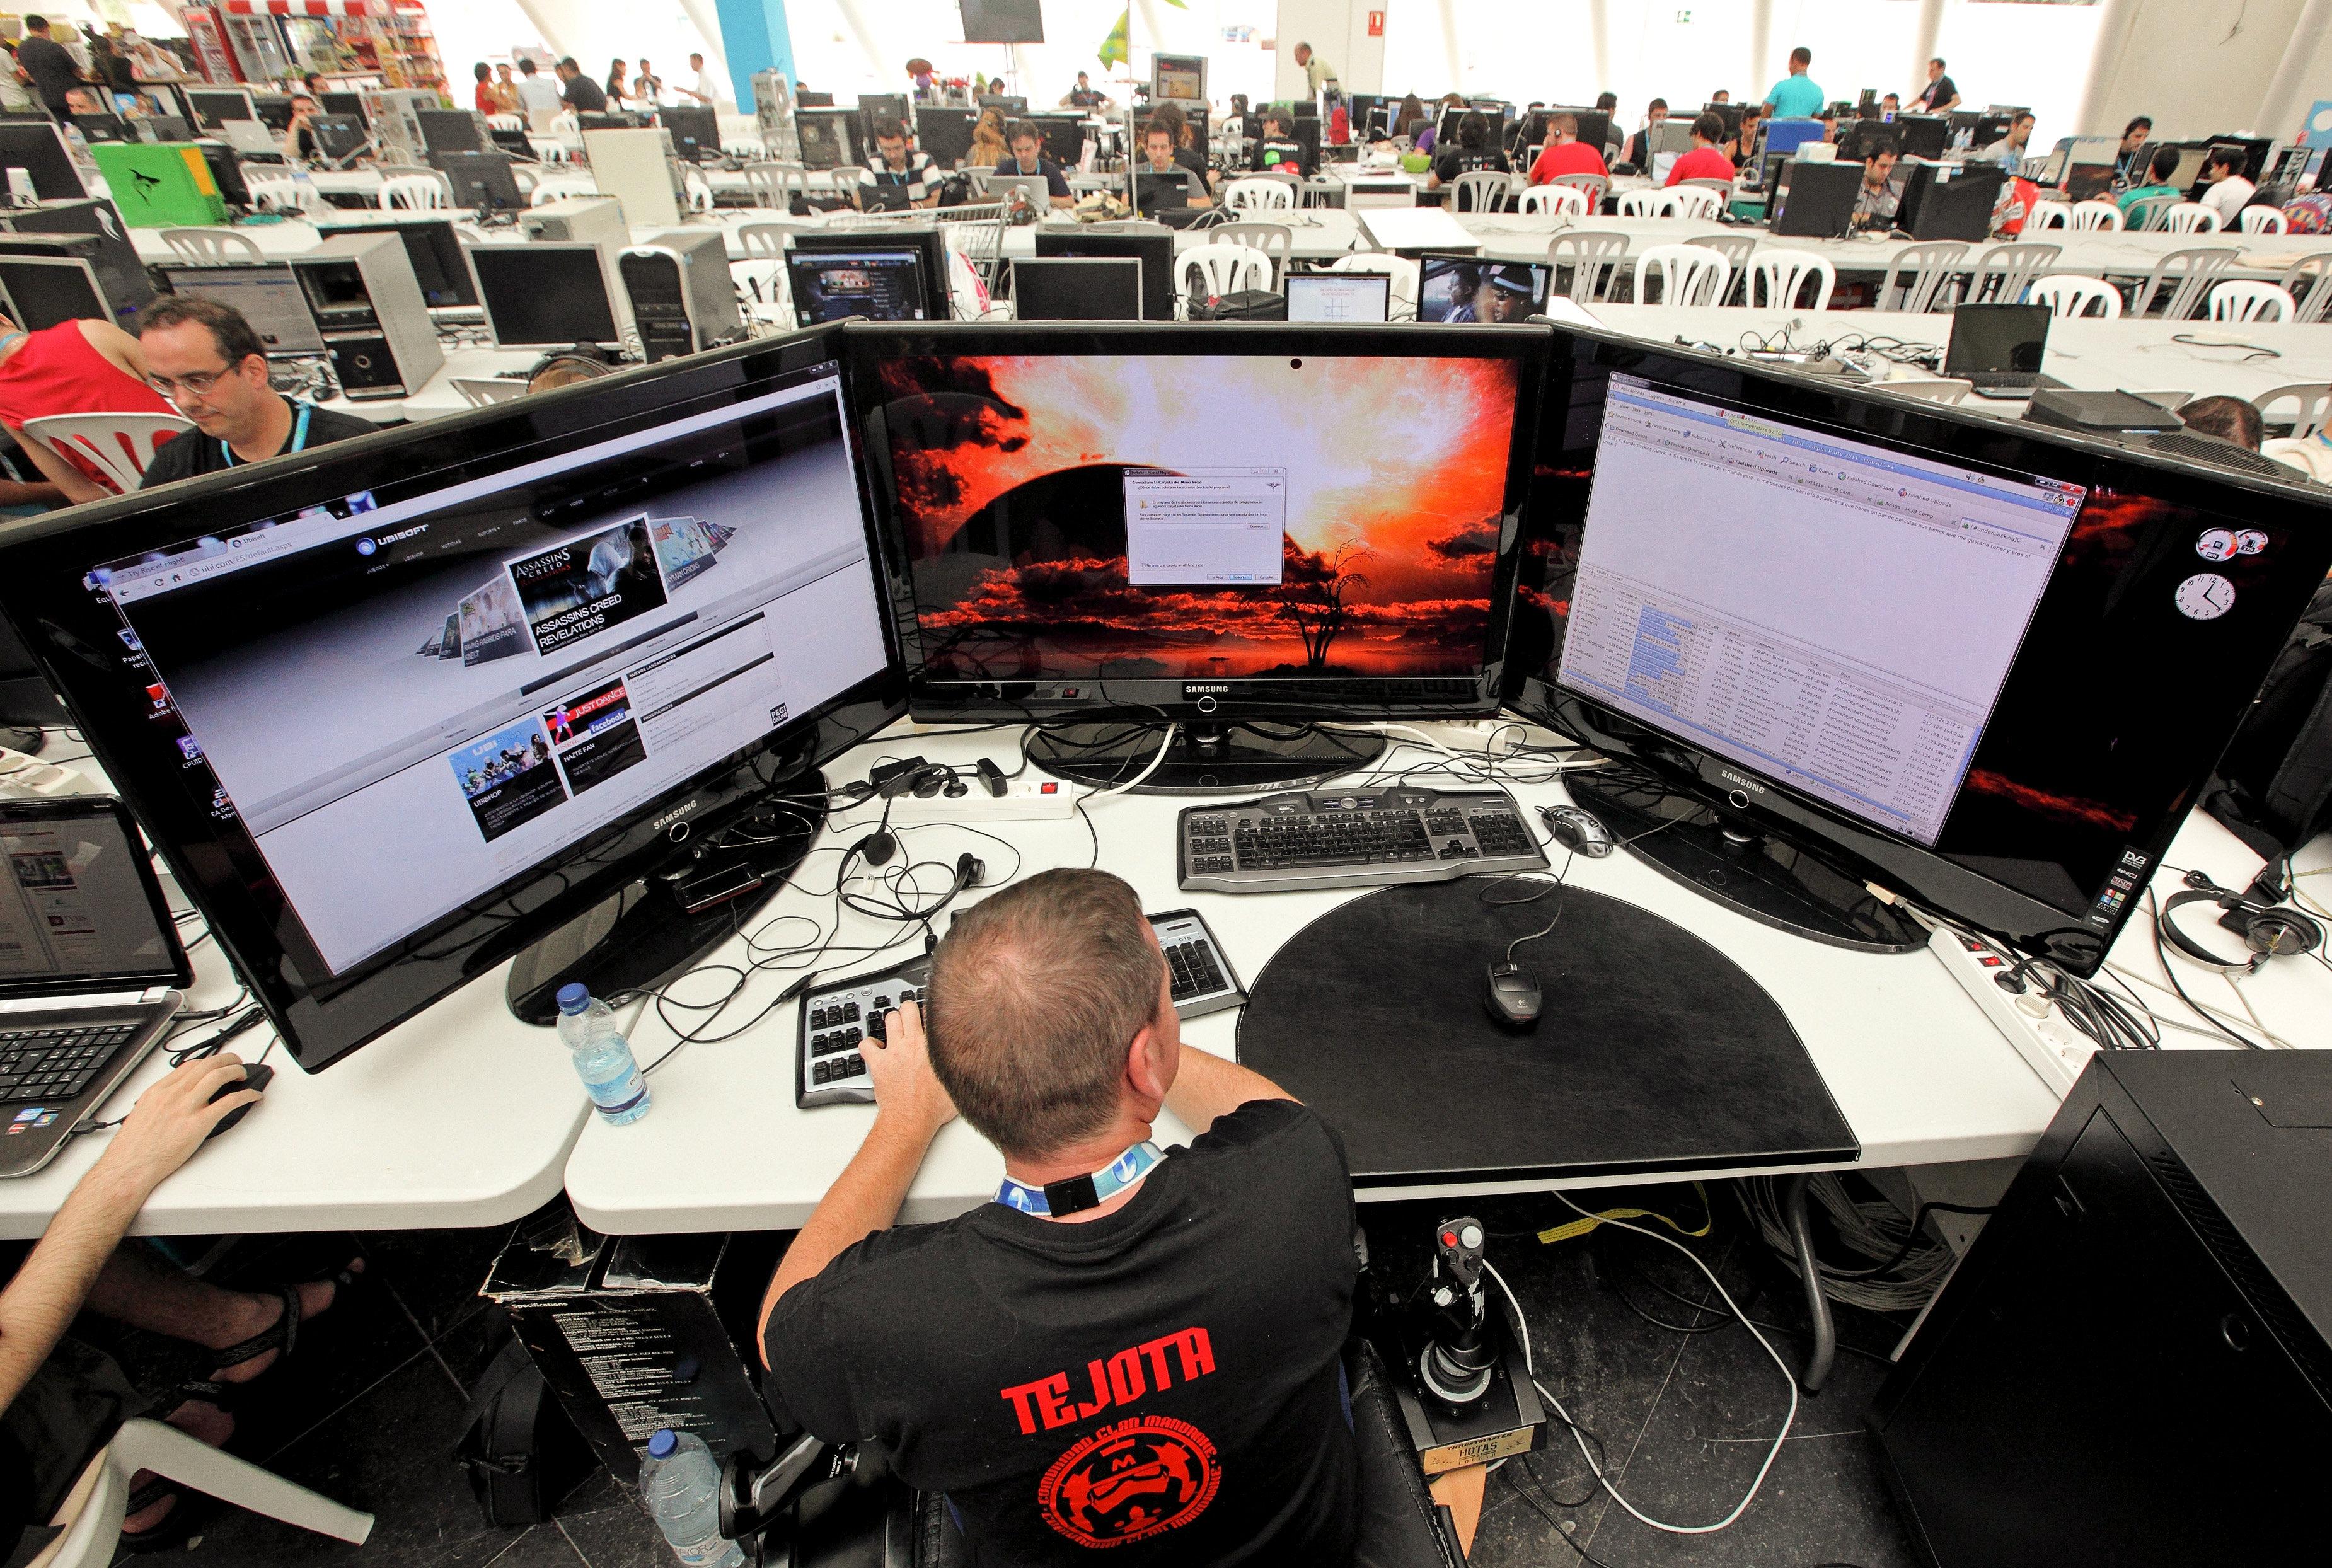 El 84 % de los contenidos consumidos en internet en España es pirata